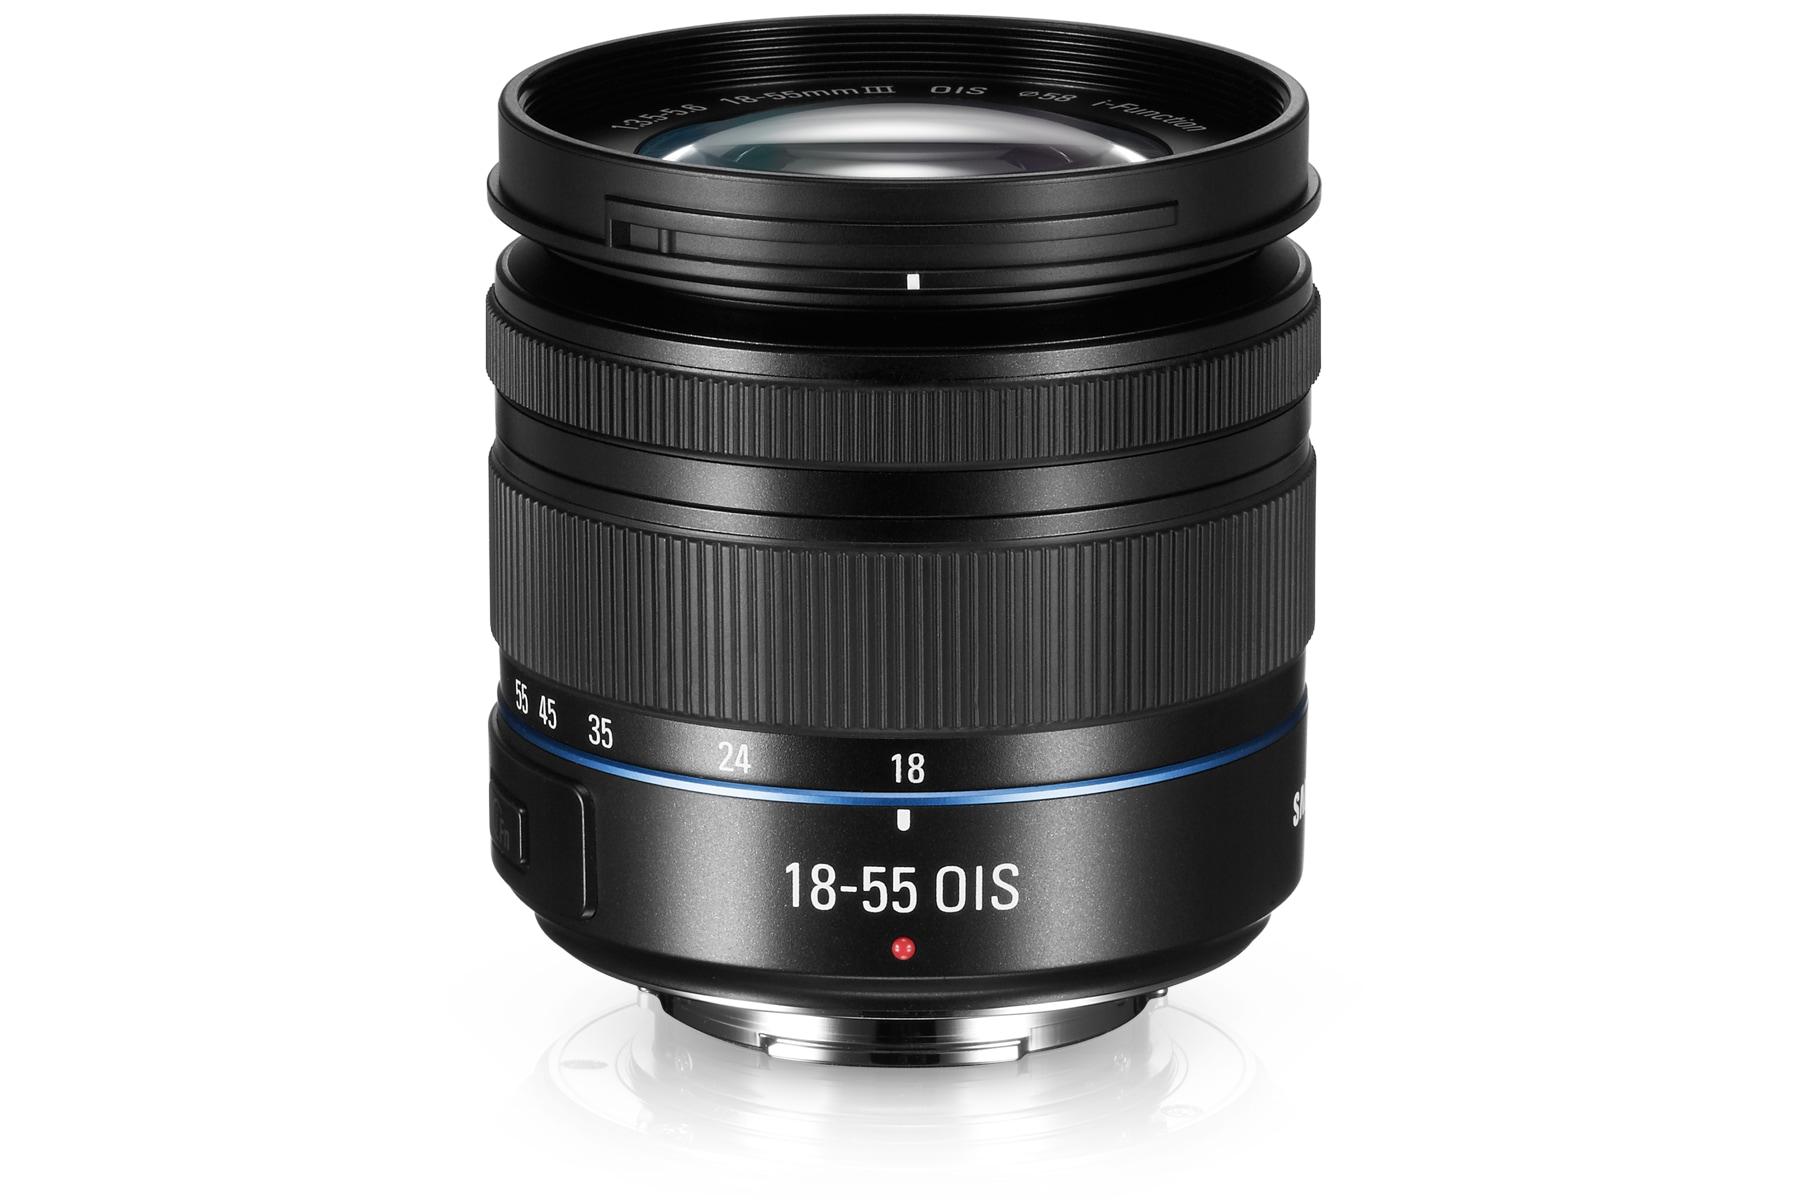 18-55mm F3.5-5.6 OIS II Standard Zoom Lens